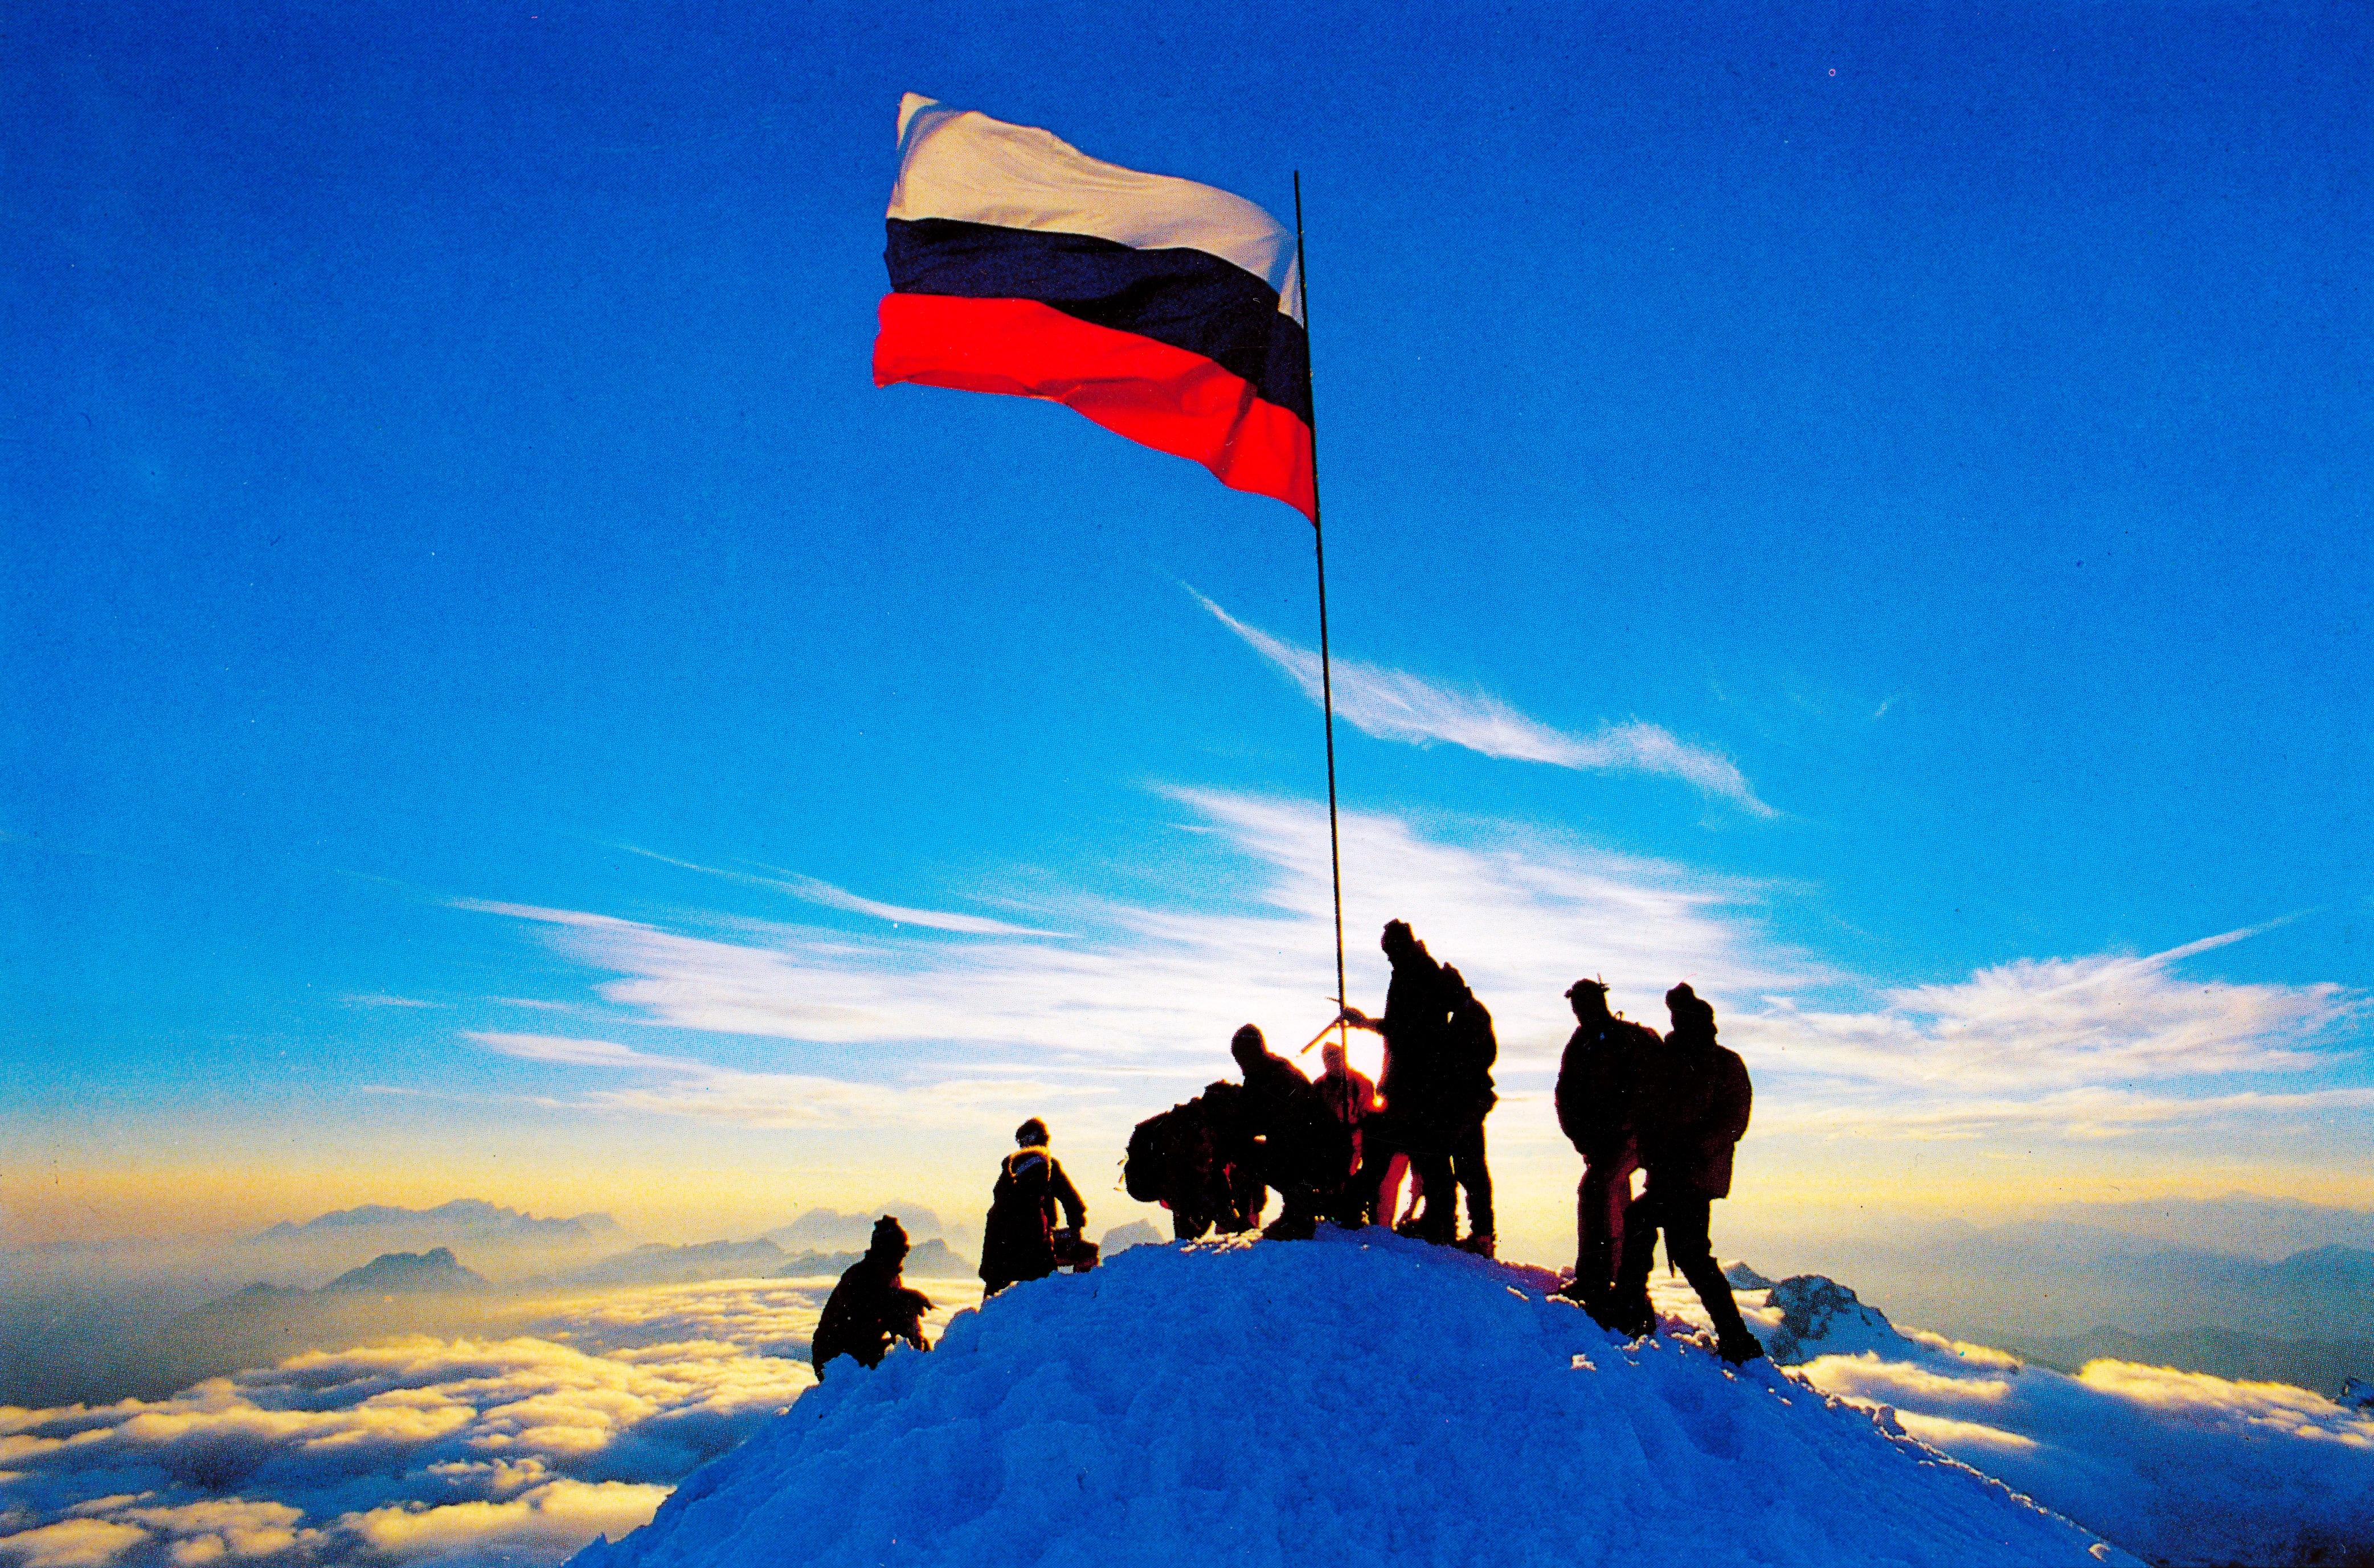 triglav_razvitje_zastave_1991_foto_joco_znidarsic